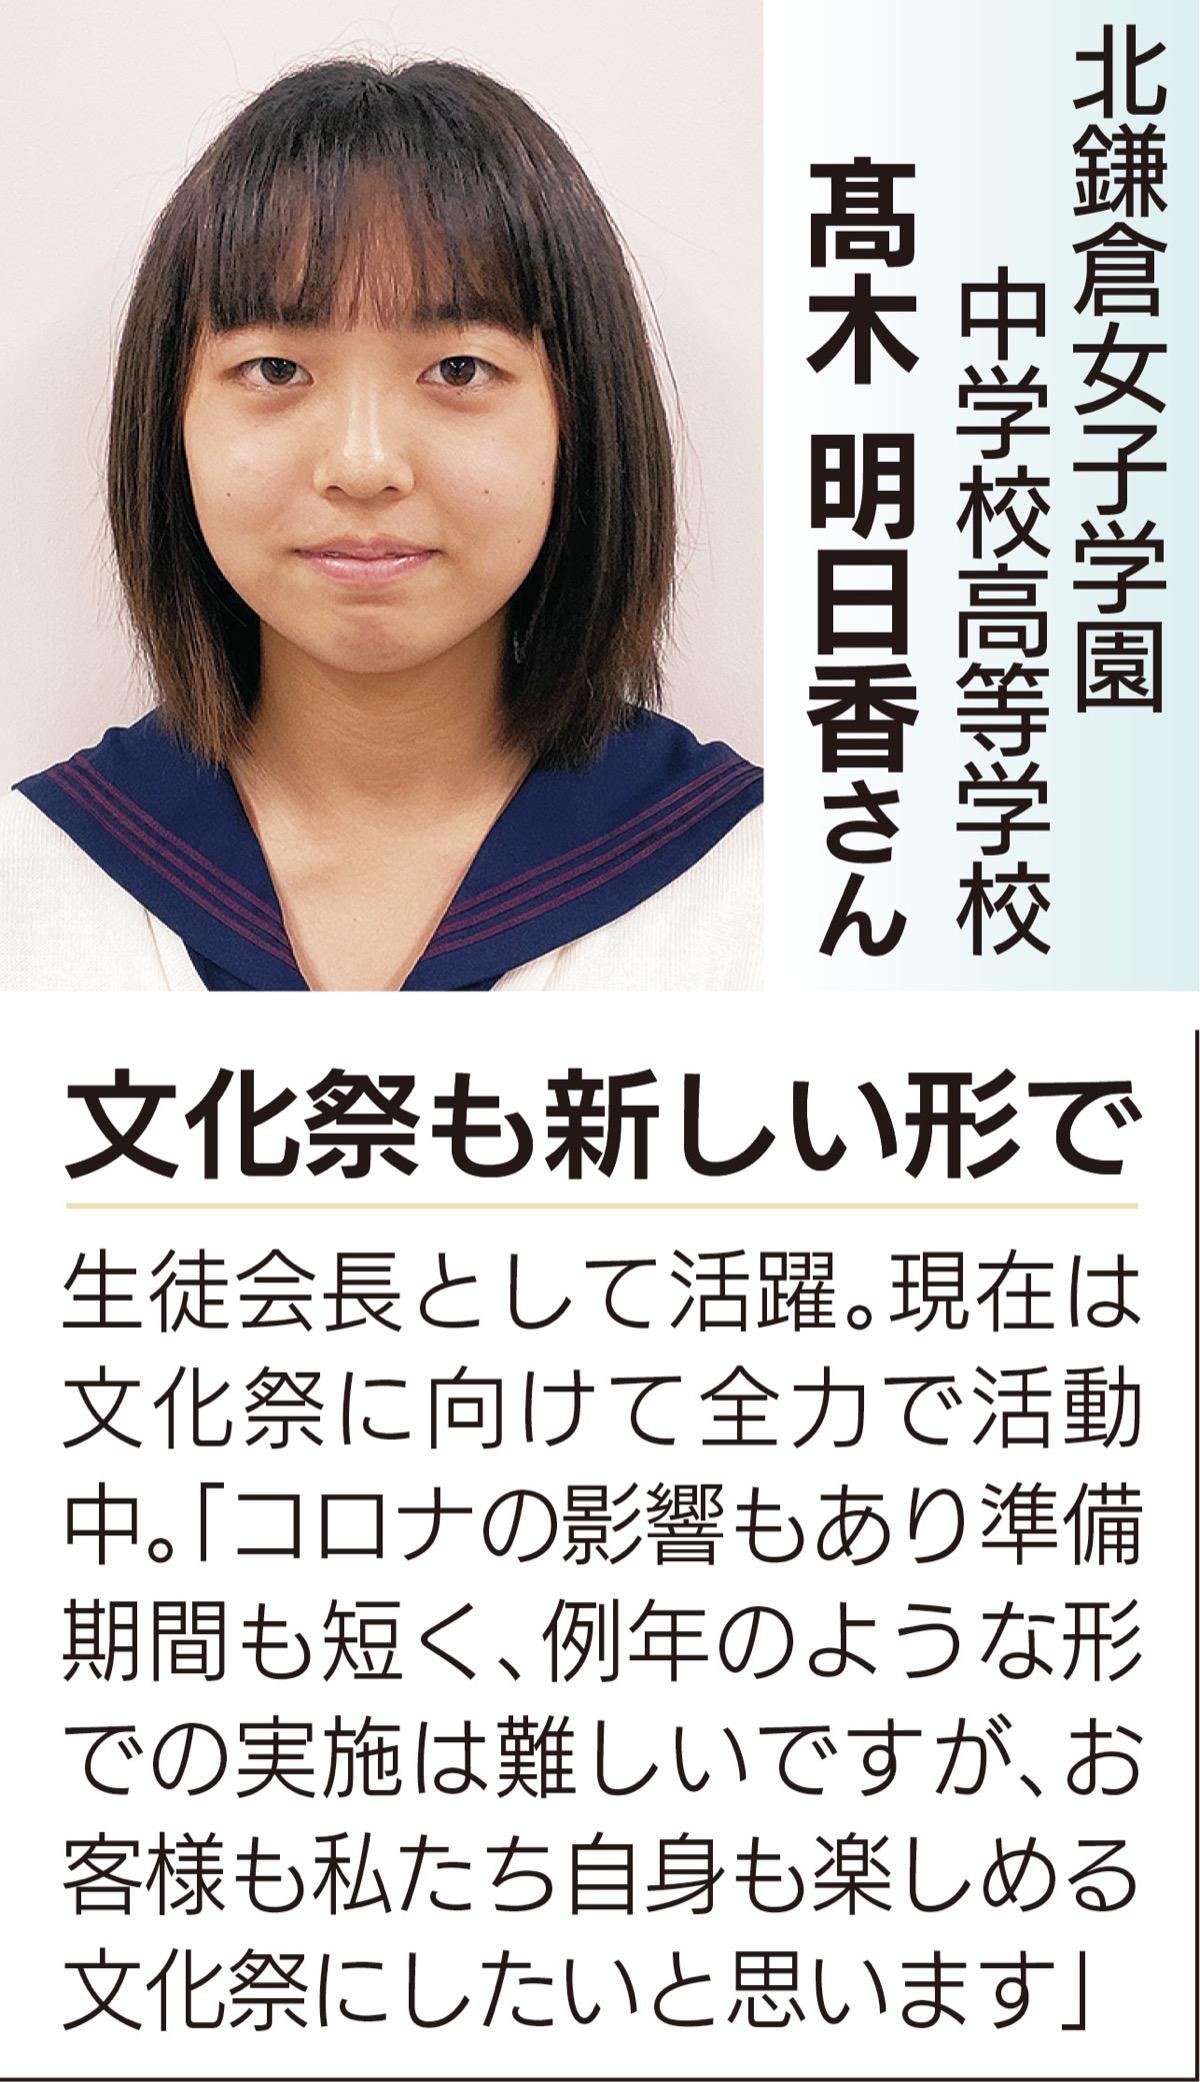 女子 北 学園 鎌倉